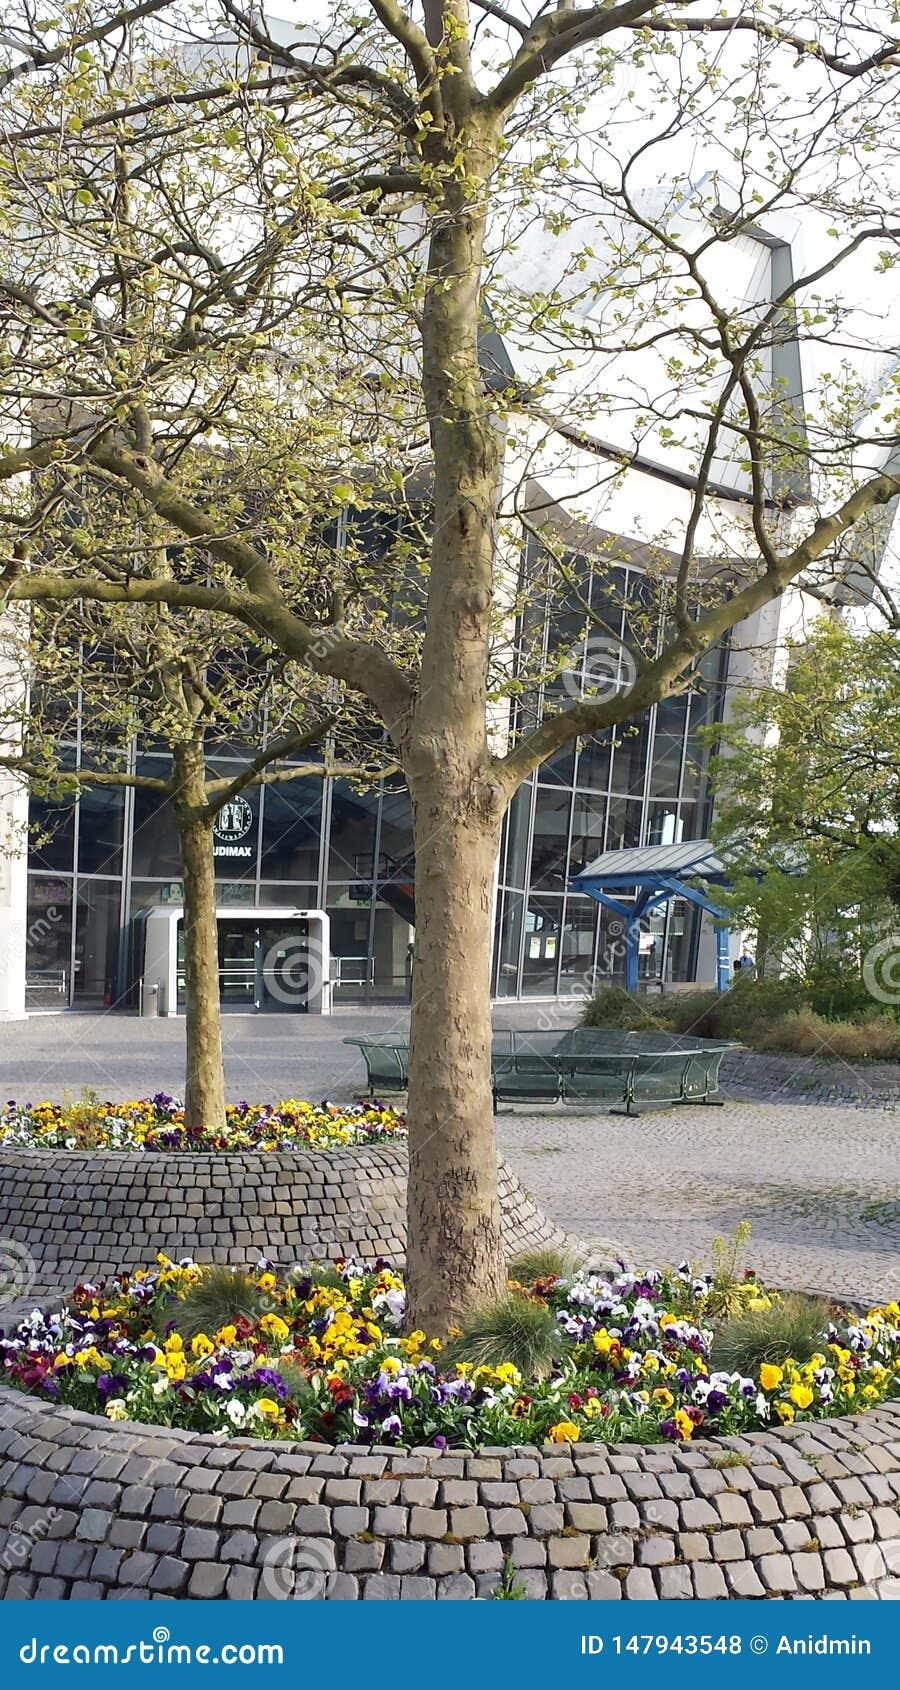 Bochum, Alemanha - 24 de abril de 2015: Ruhr-universidade Bochum do terreno